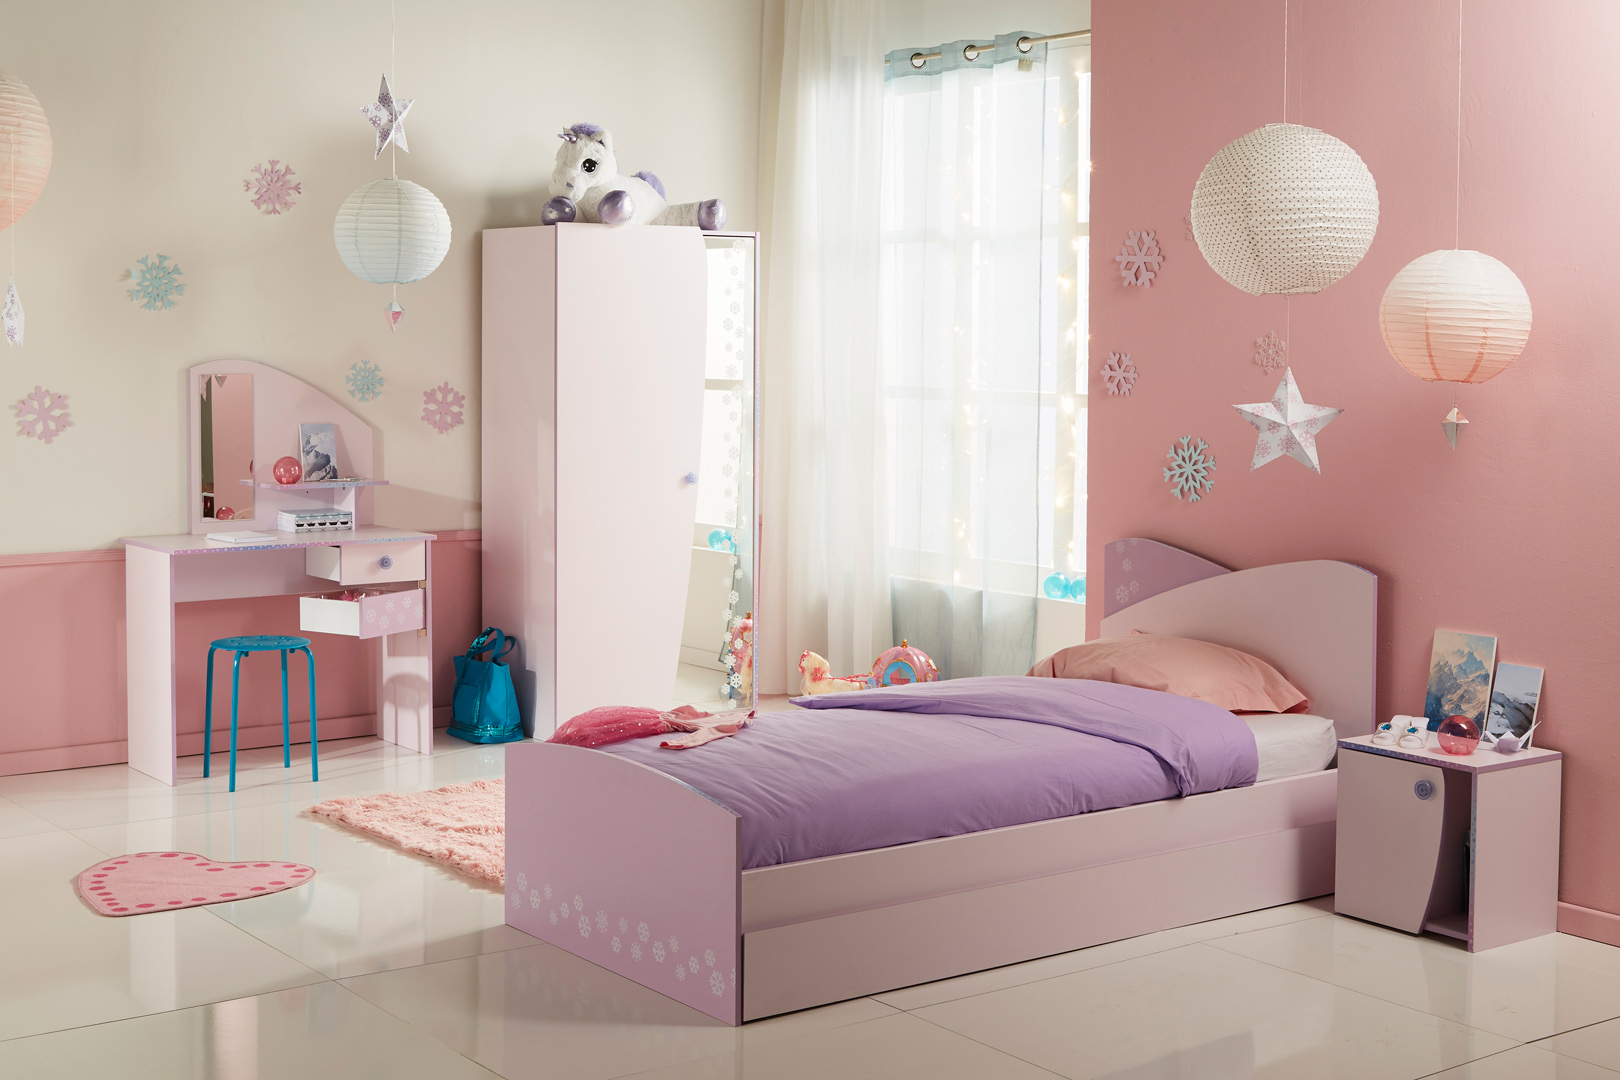 Chambre enfant contemporaine coloris rose/lilas Flocon I